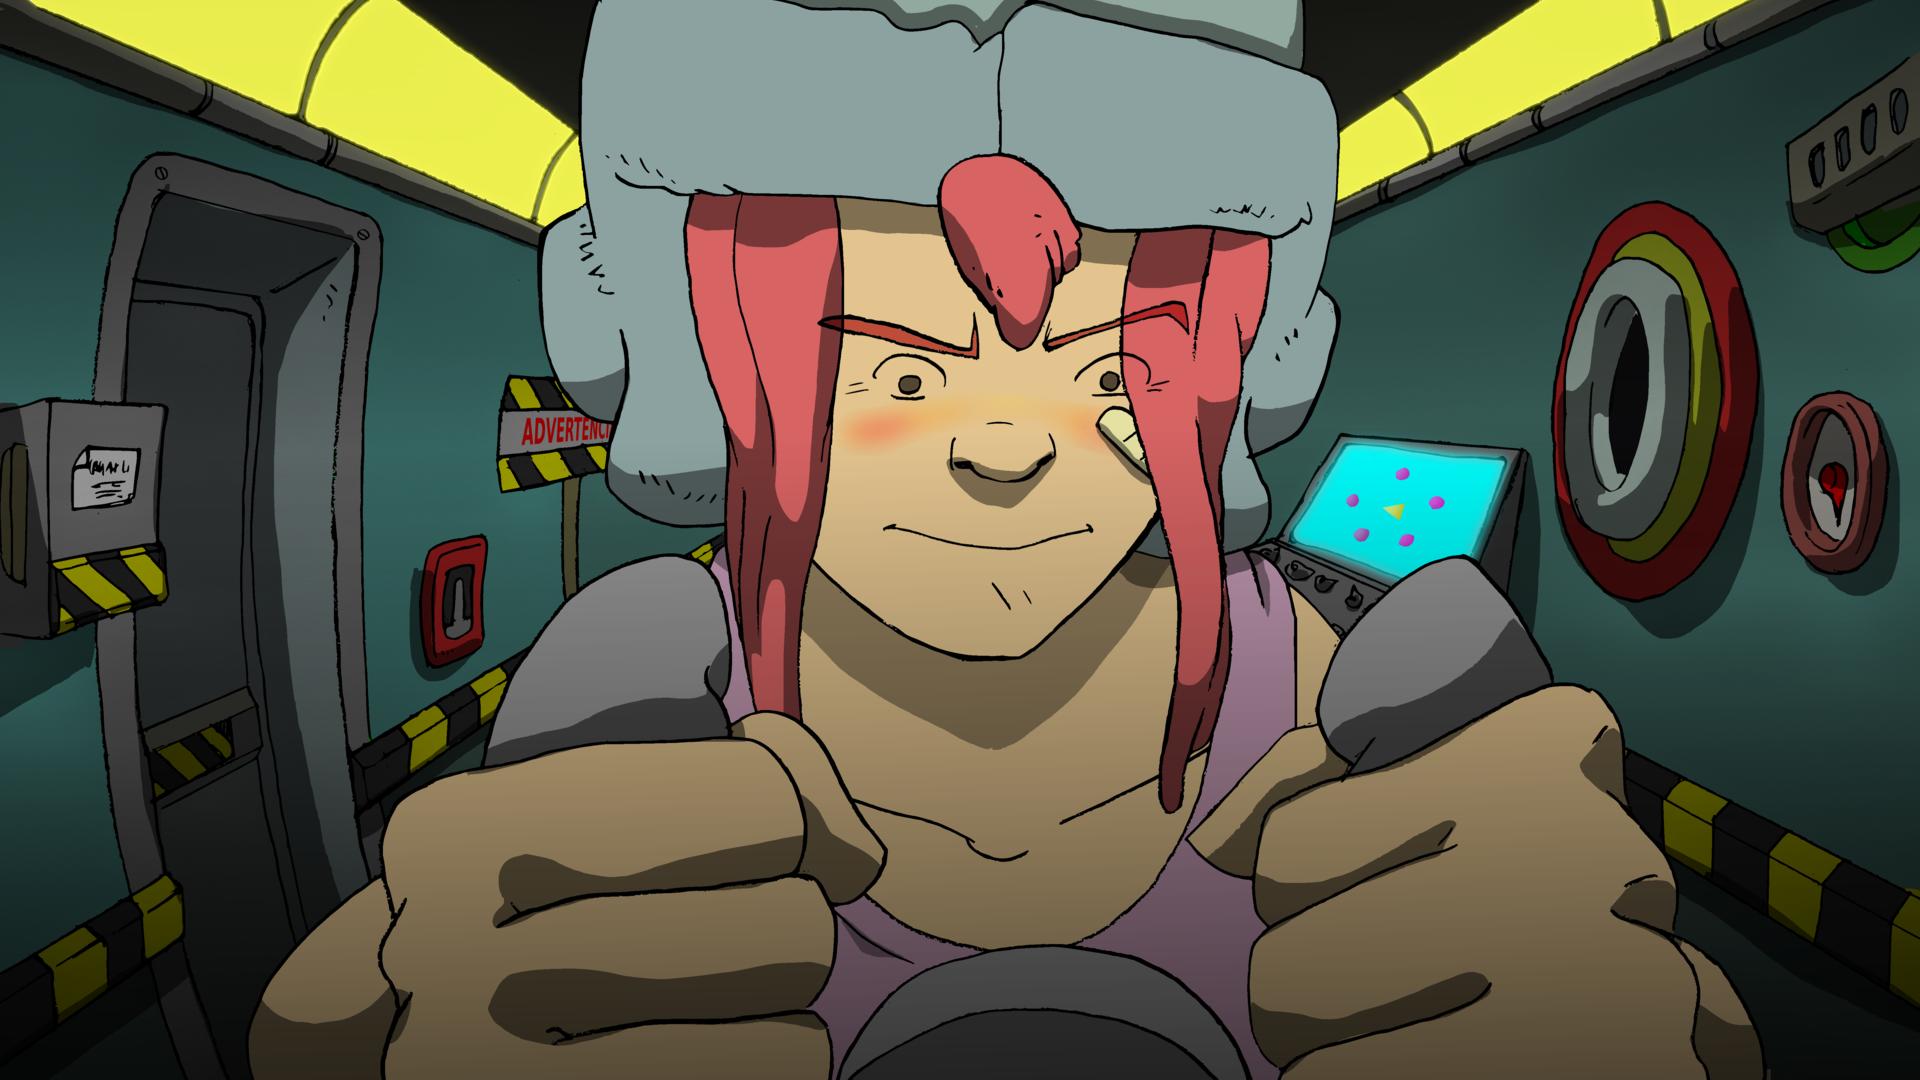 La Capi, capitana interestelar es una serie de ciencia ficción de animación